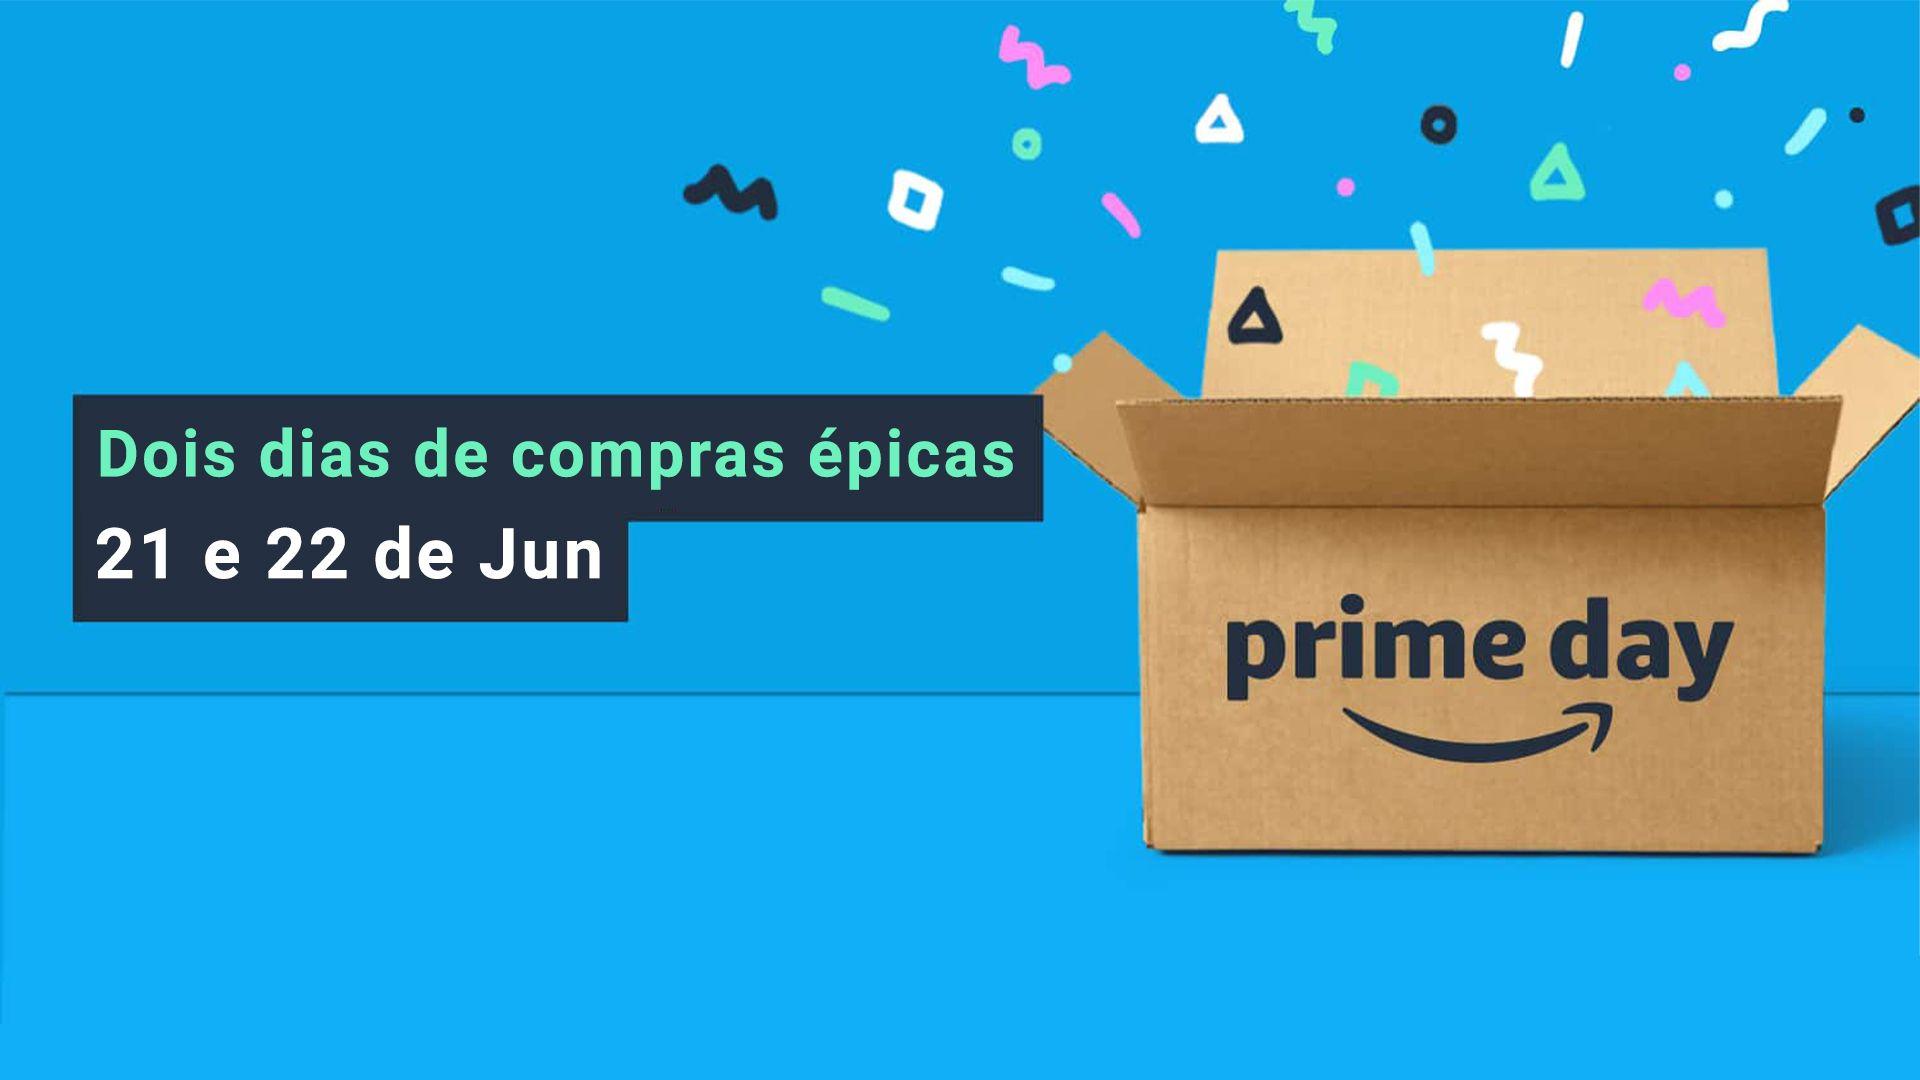 """O Prime Day da Amazon promete """"dois dias de compras épicas"""" (Imagem: Divulgação/Amazon)"""